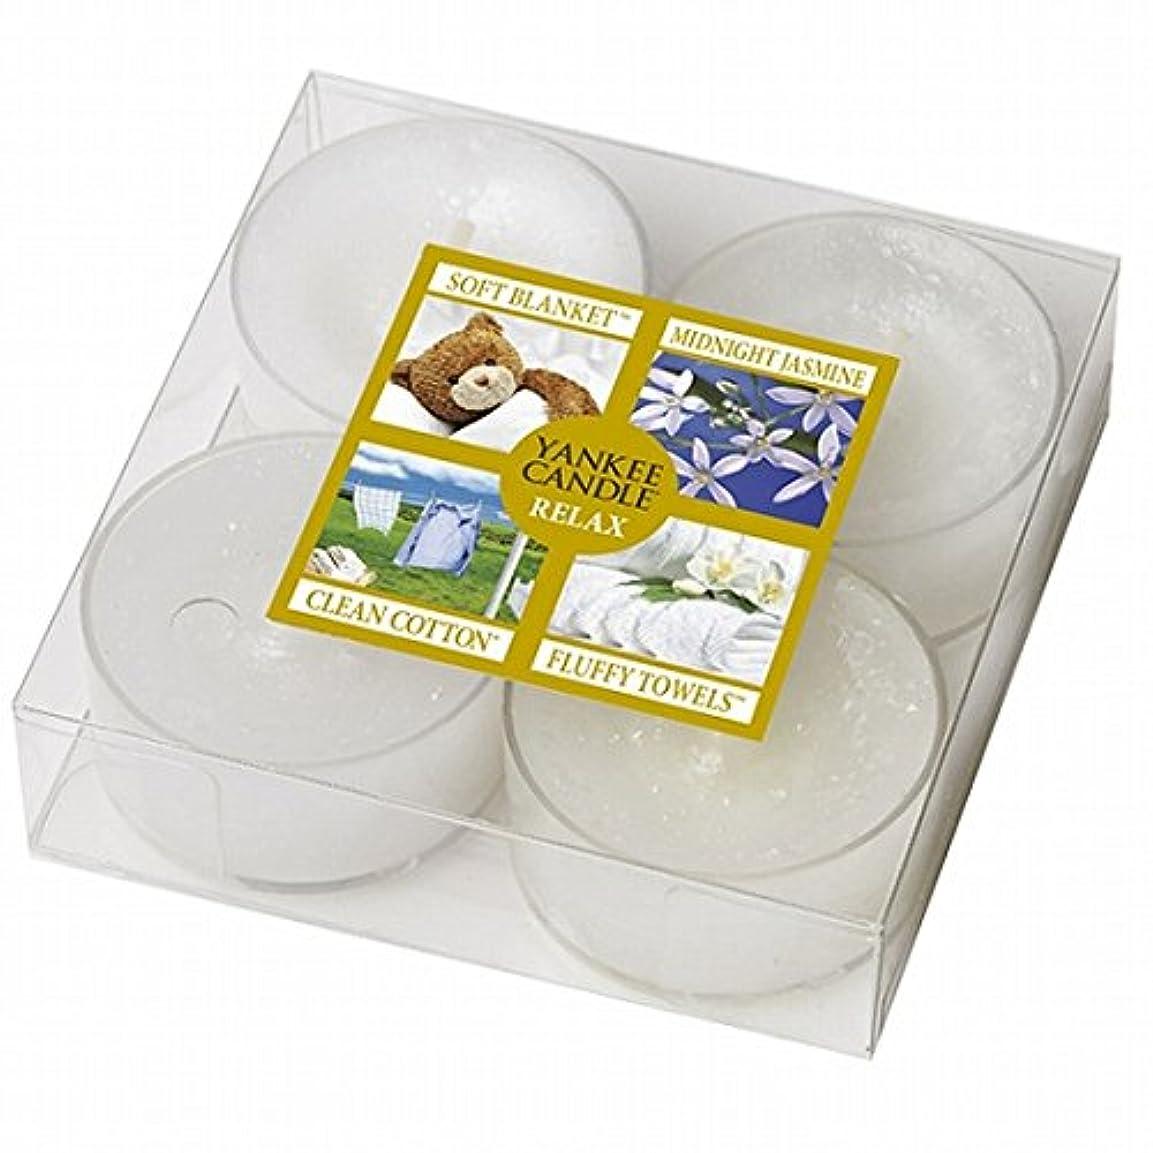 YANKEE CANDLE(ヤンキーキャンドル) YANKEE CANDLE クリアカップティーライト4個入り アソート 「リラックス」(K5000012)